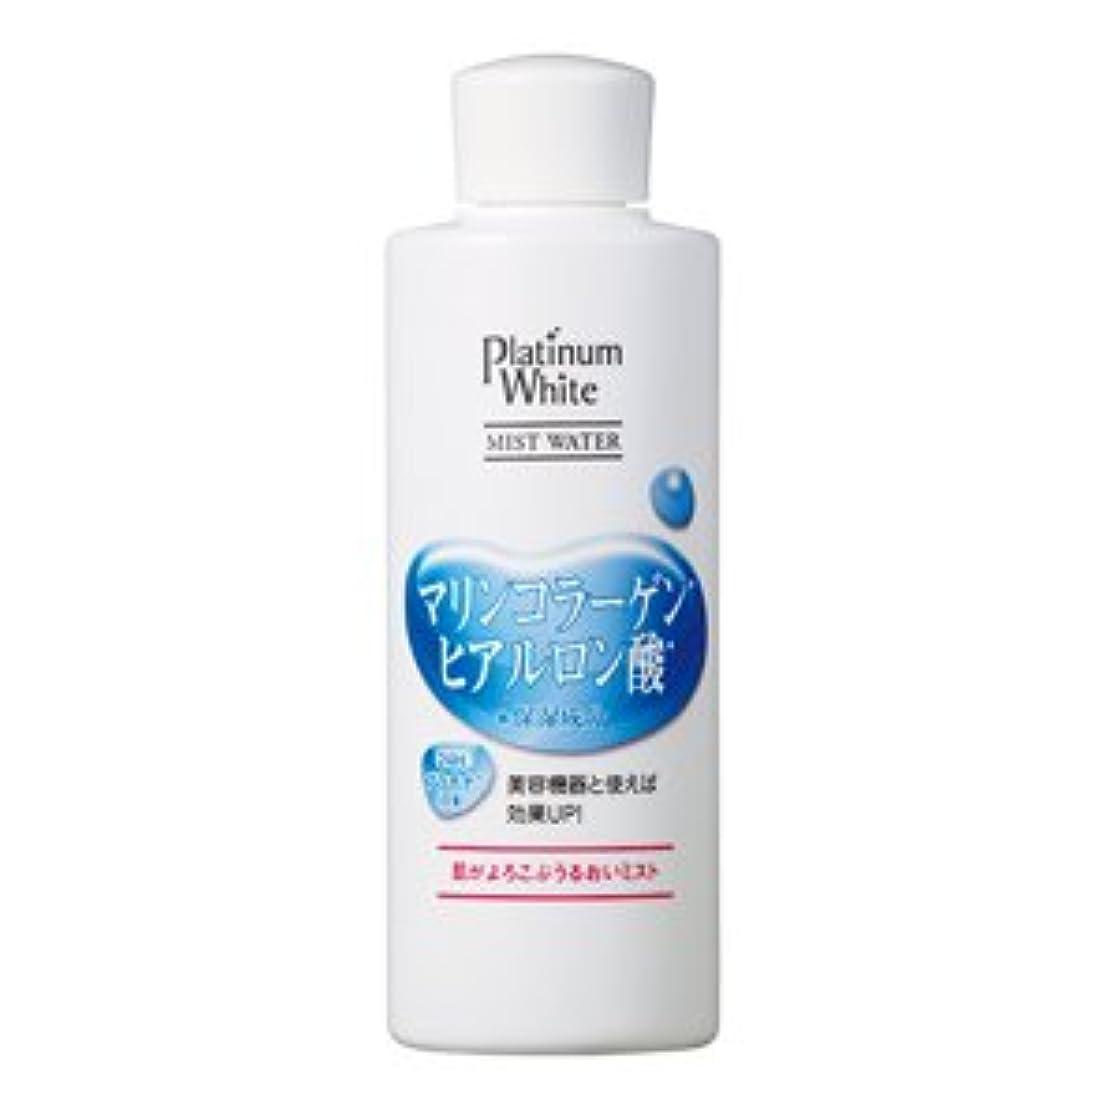 ナプキンライセンス改修PWミストウォーター CV154 化粧水 3個セット(1本200ml)